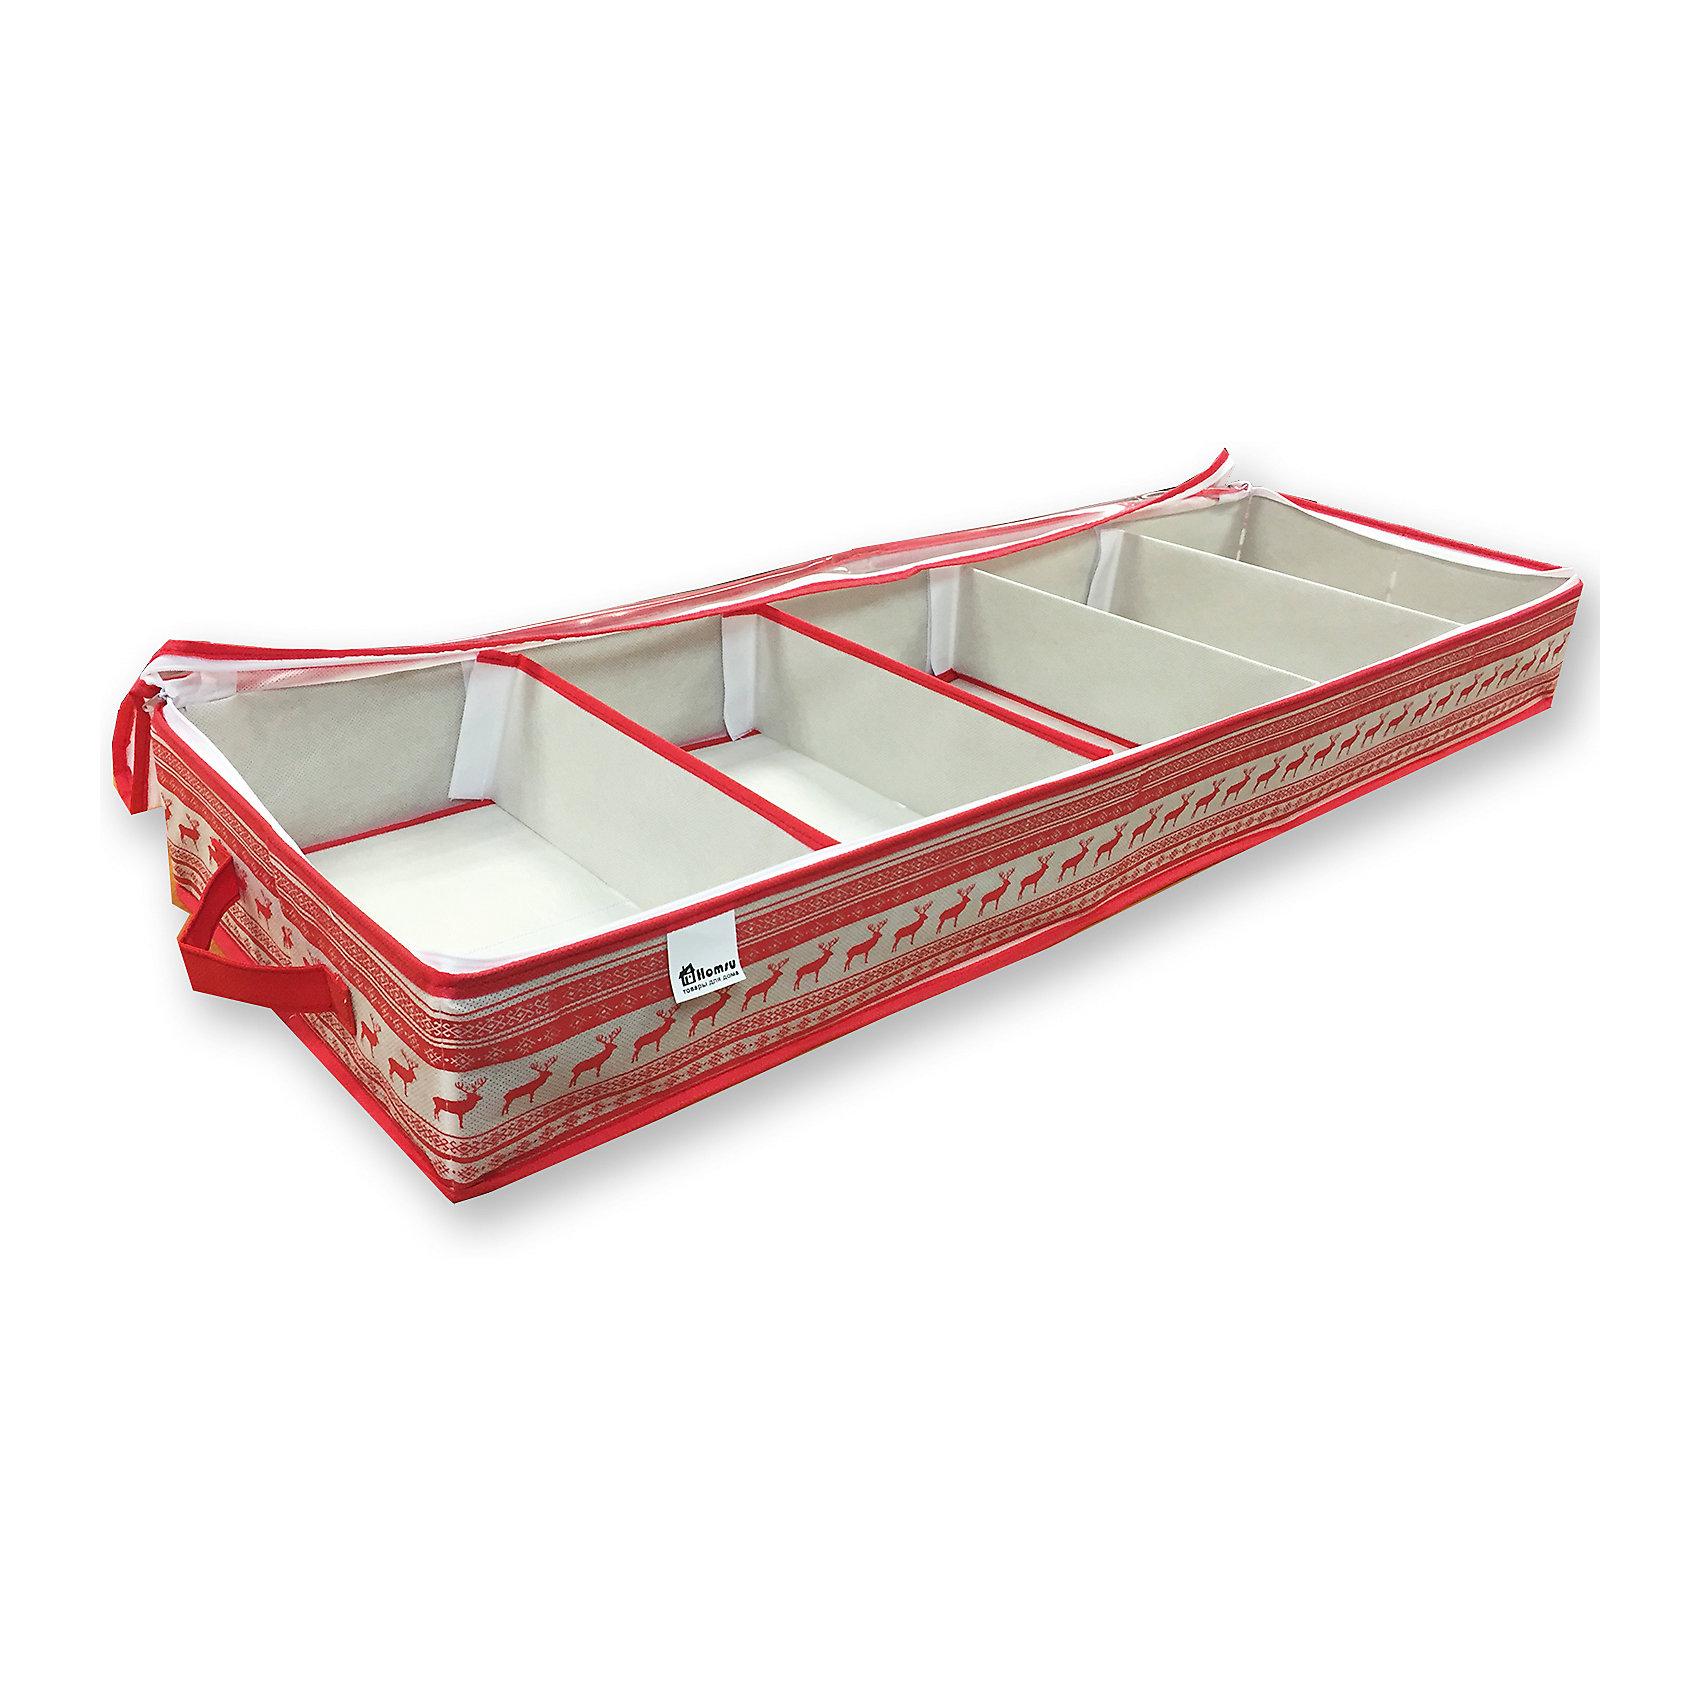 Органайзер для обуви Scandinavia (100*32*11), HomsuПорядок в детской<br>Характеристики товара:<br><br>• цвет: красный<br>• материал: спанбонд, картон, ПВХ<br>• размер: 100х32х11 см<br>• вес: 1,2 кг<br>• легкий прочный каркас<br>• ручка для переноски<br>• вместимость: 5 отделений<br>• страна бренда: Россия<br>• страна изготовитель: Китай<br><br>Органайзер для обуви Scandinavia от бренда Homsu (Хомсу) - очень удобная вещь для хранения вещей и эргономичной организации пространства.<br><br>Он легкий, устойчивый, вместительный, имеет удобную ручку для переноски.<br><br>Органайзер для обуви Scandinavia (100*32*11), Homsu можно купить в нашем интернет-магазине.<br><br>Ширина мм: 1030<br>Глубина мм: 170<br>Высота мм: 30<br>Вес г: 1200<br>Возраст от месяцев: 216<br>Возраст до месяцев: 1188<br>Пол: Унисекс<br>Возраст: Детский<br>SKU: 5620165